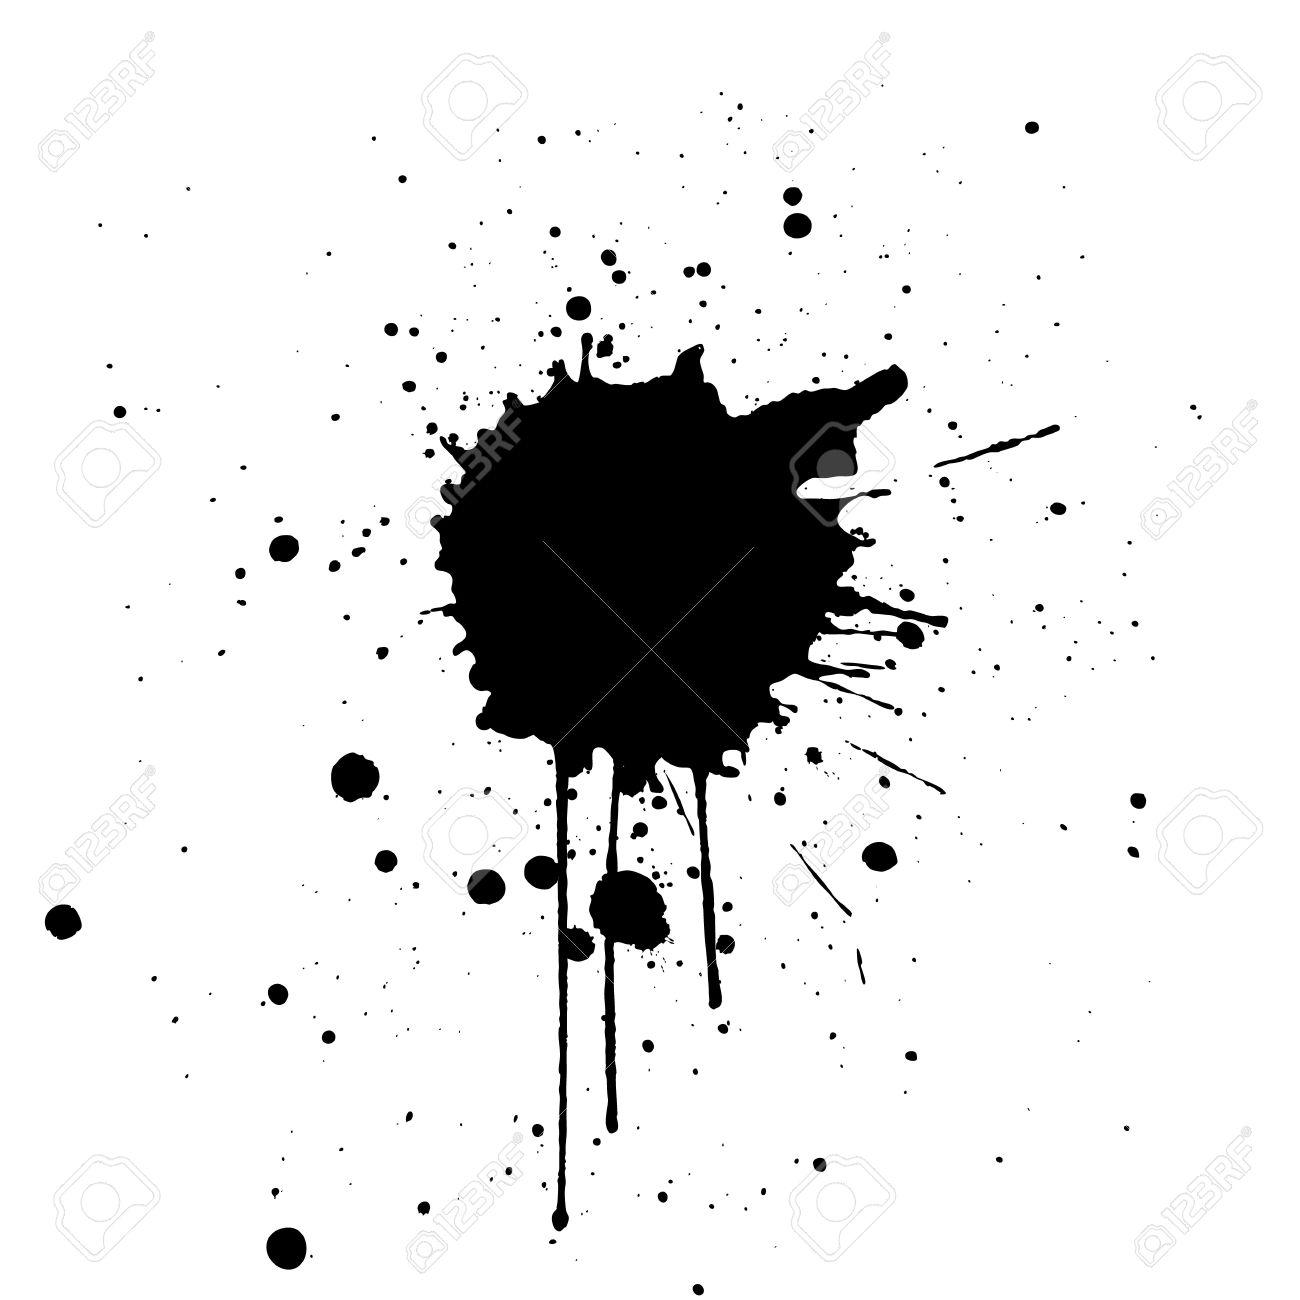 black ink splatter background illustration vector design royalty rh 123rf com ink splatter vector png ink splatter vector eps free download